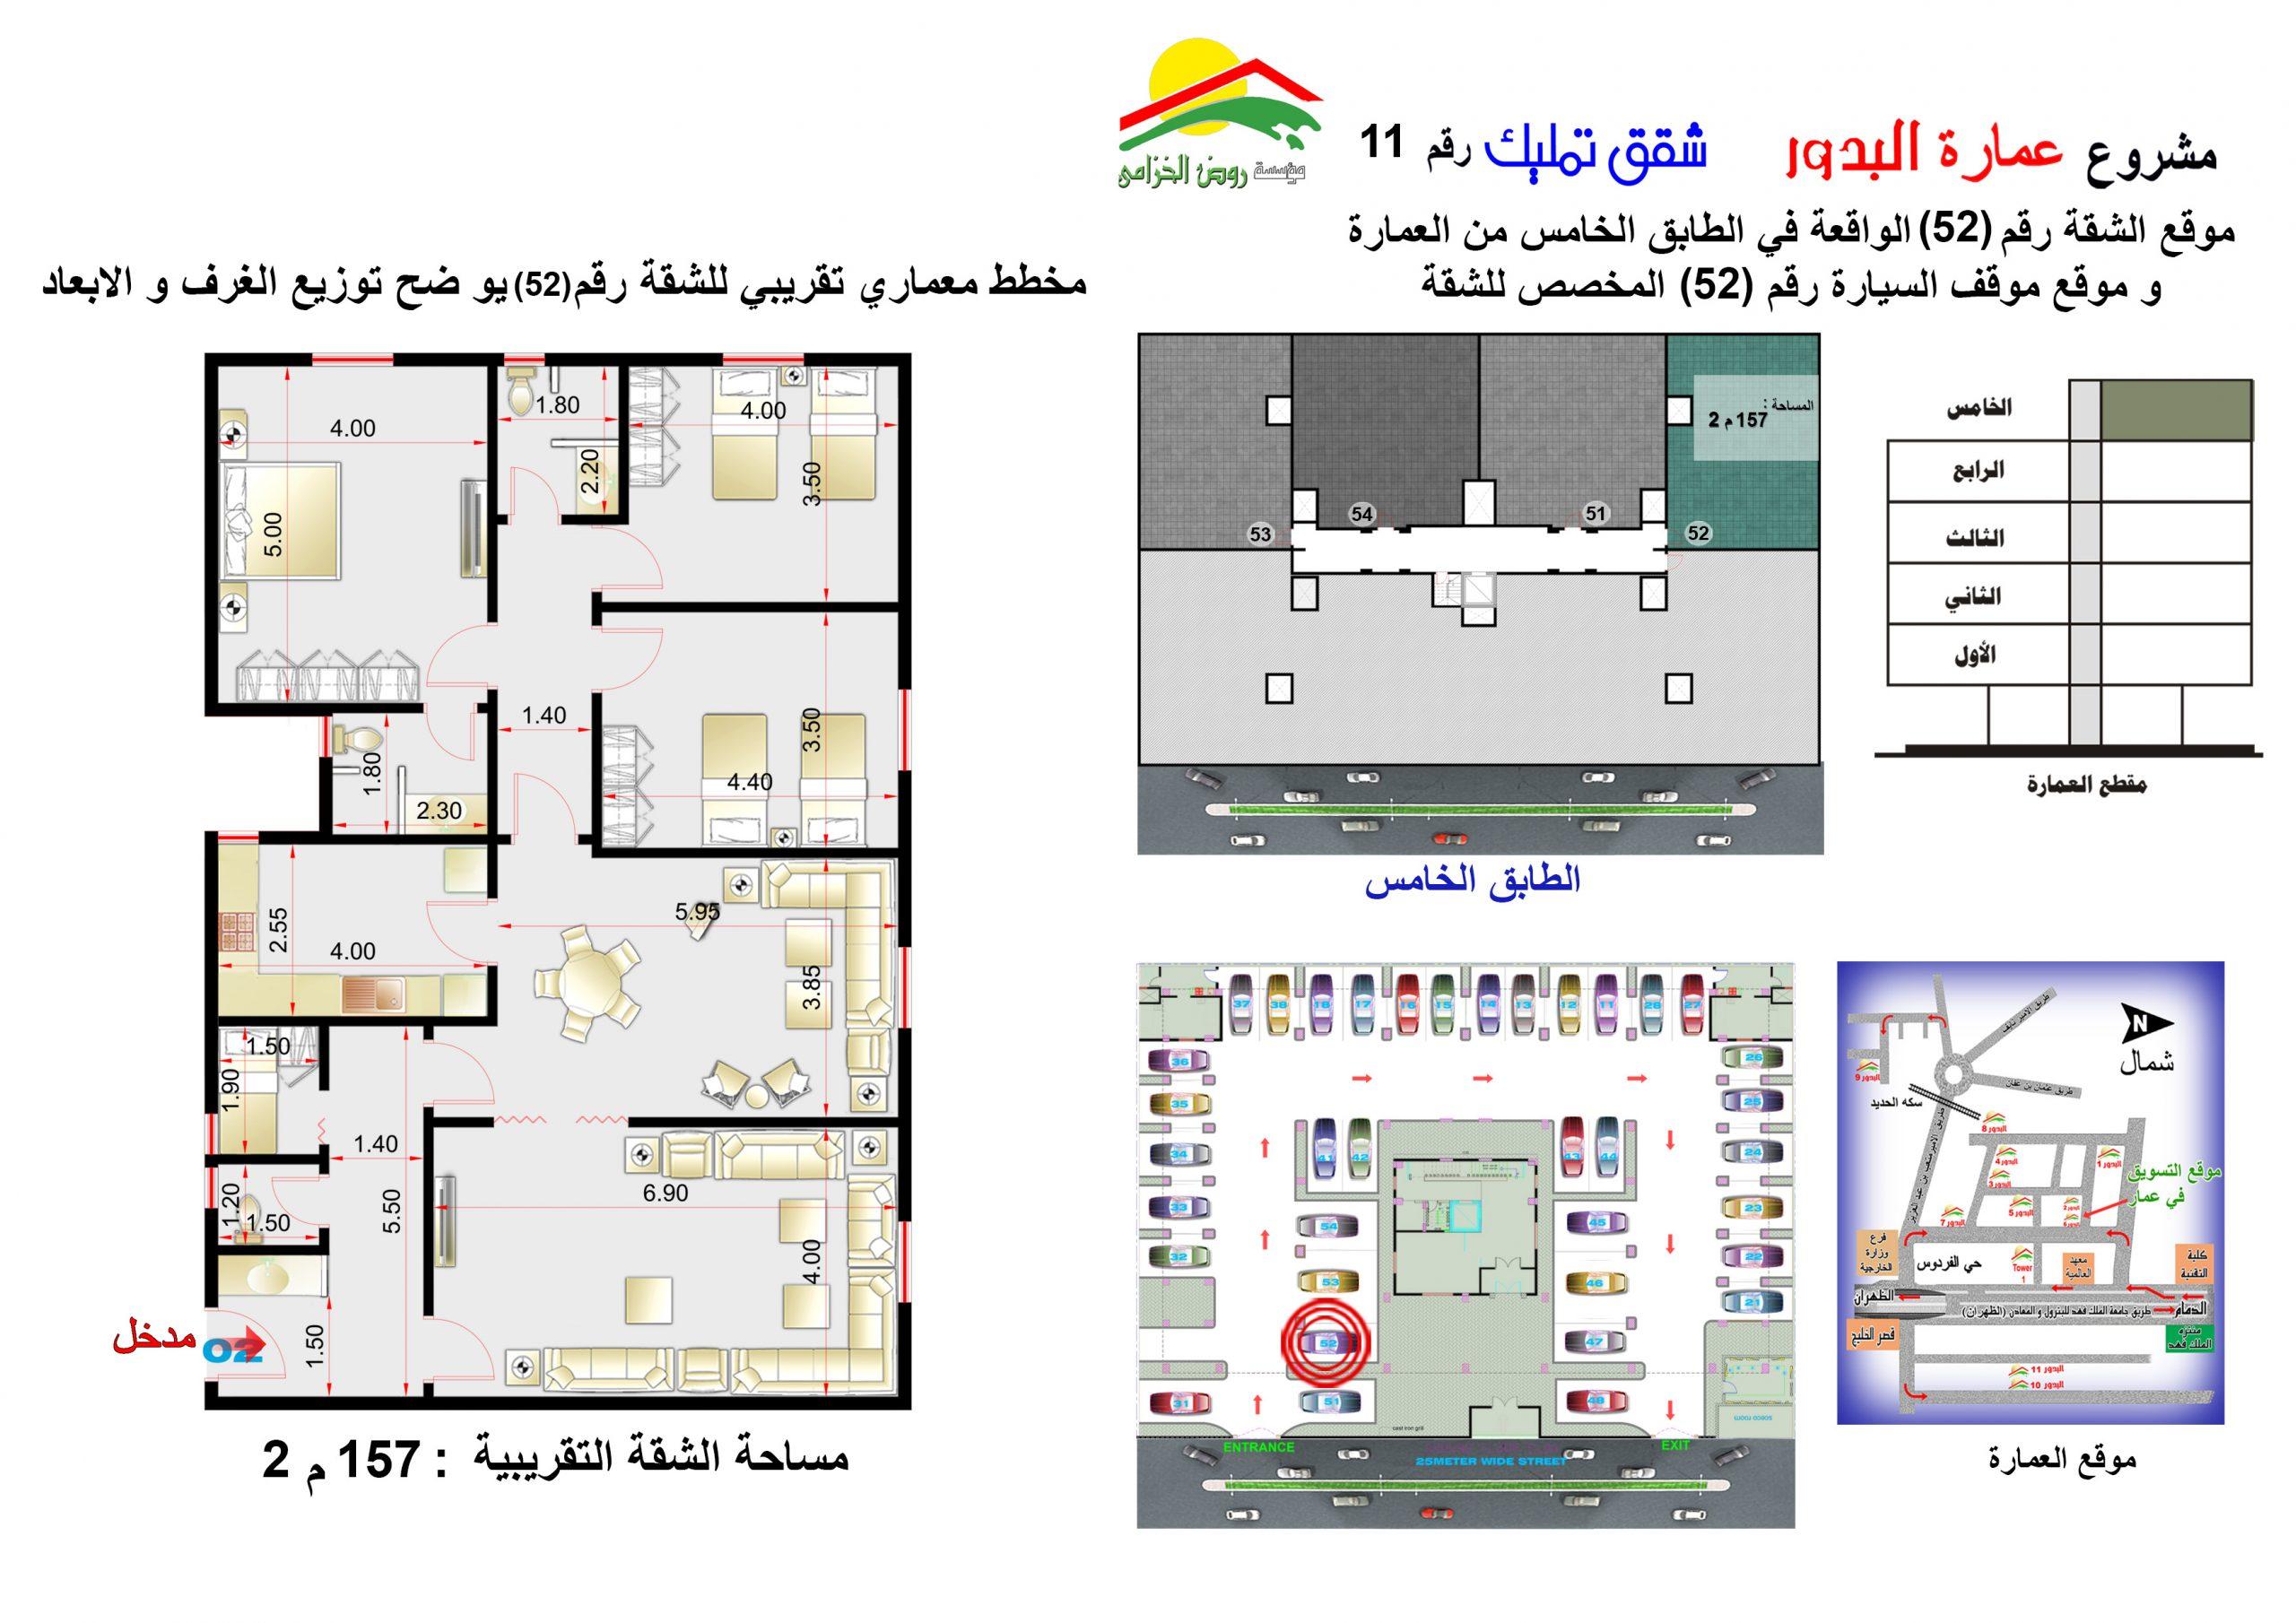 مخطط تفصيلي شقة 52